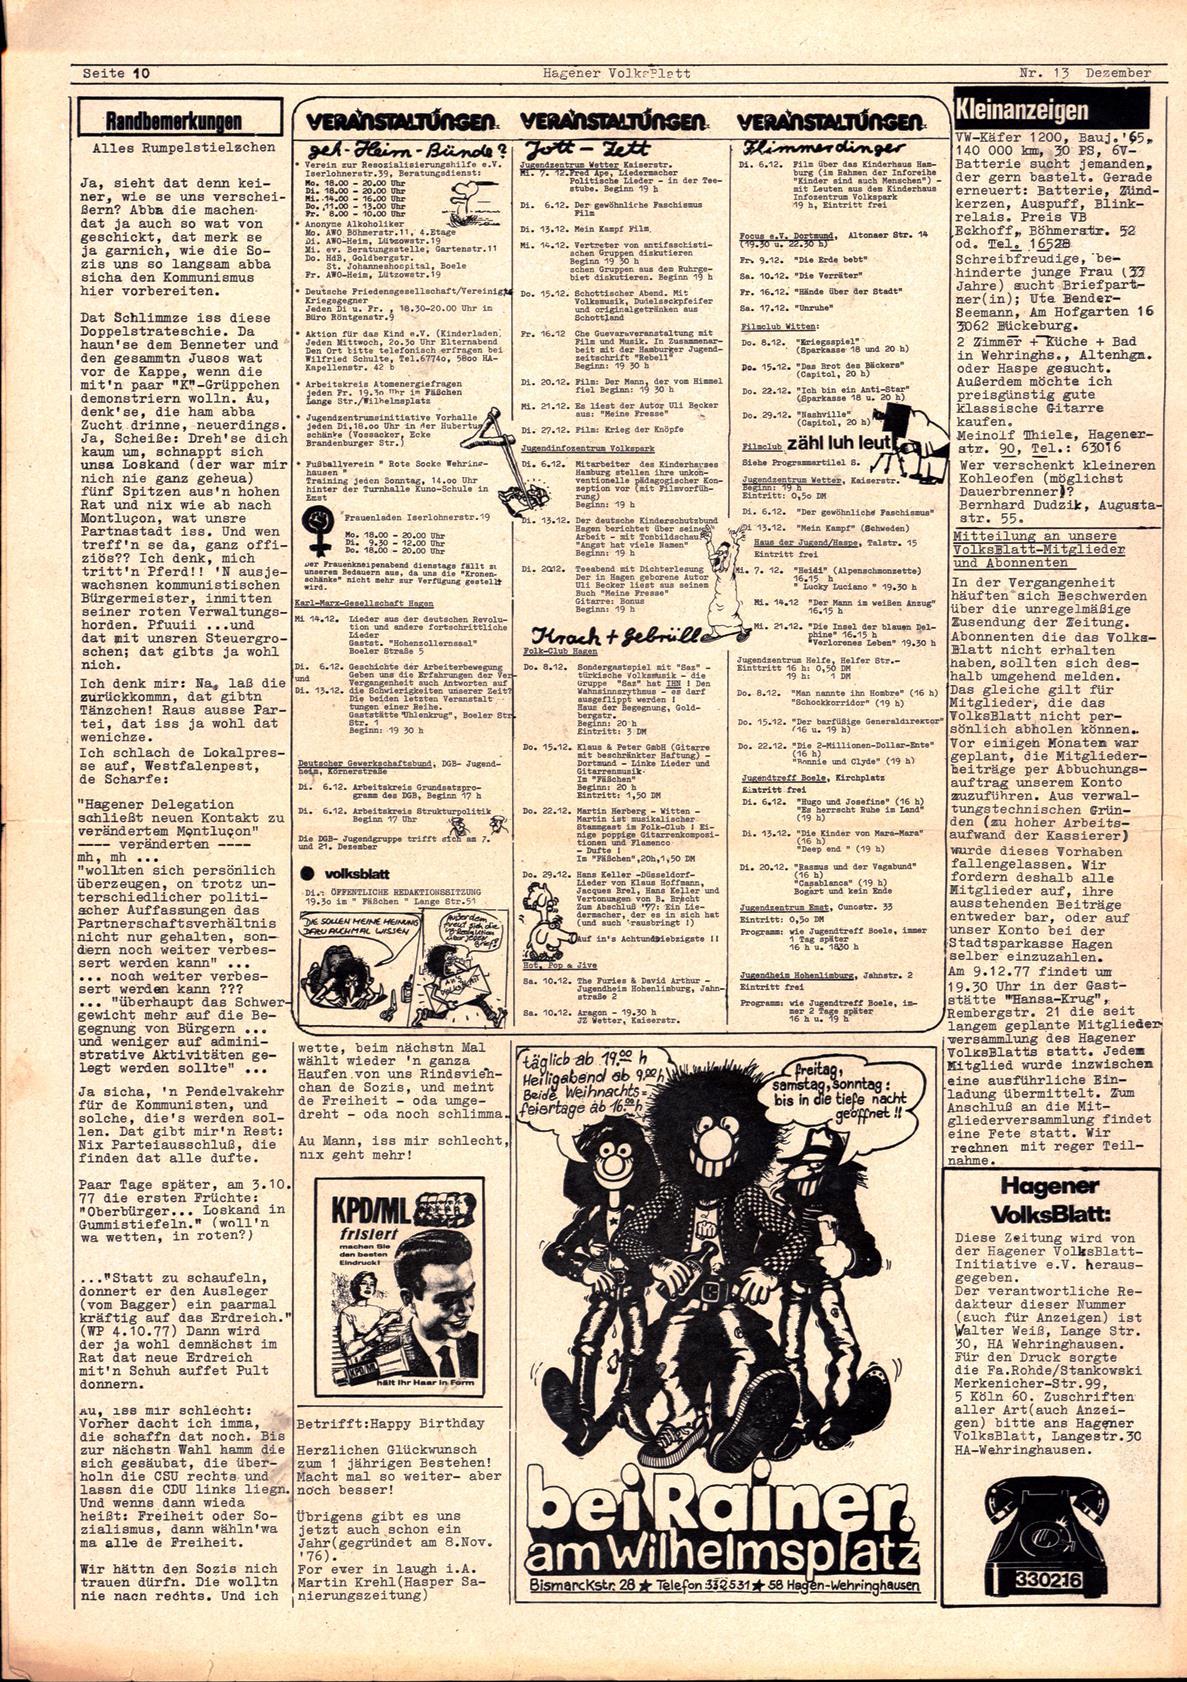 Hagen_Volksblatt_19771200_10